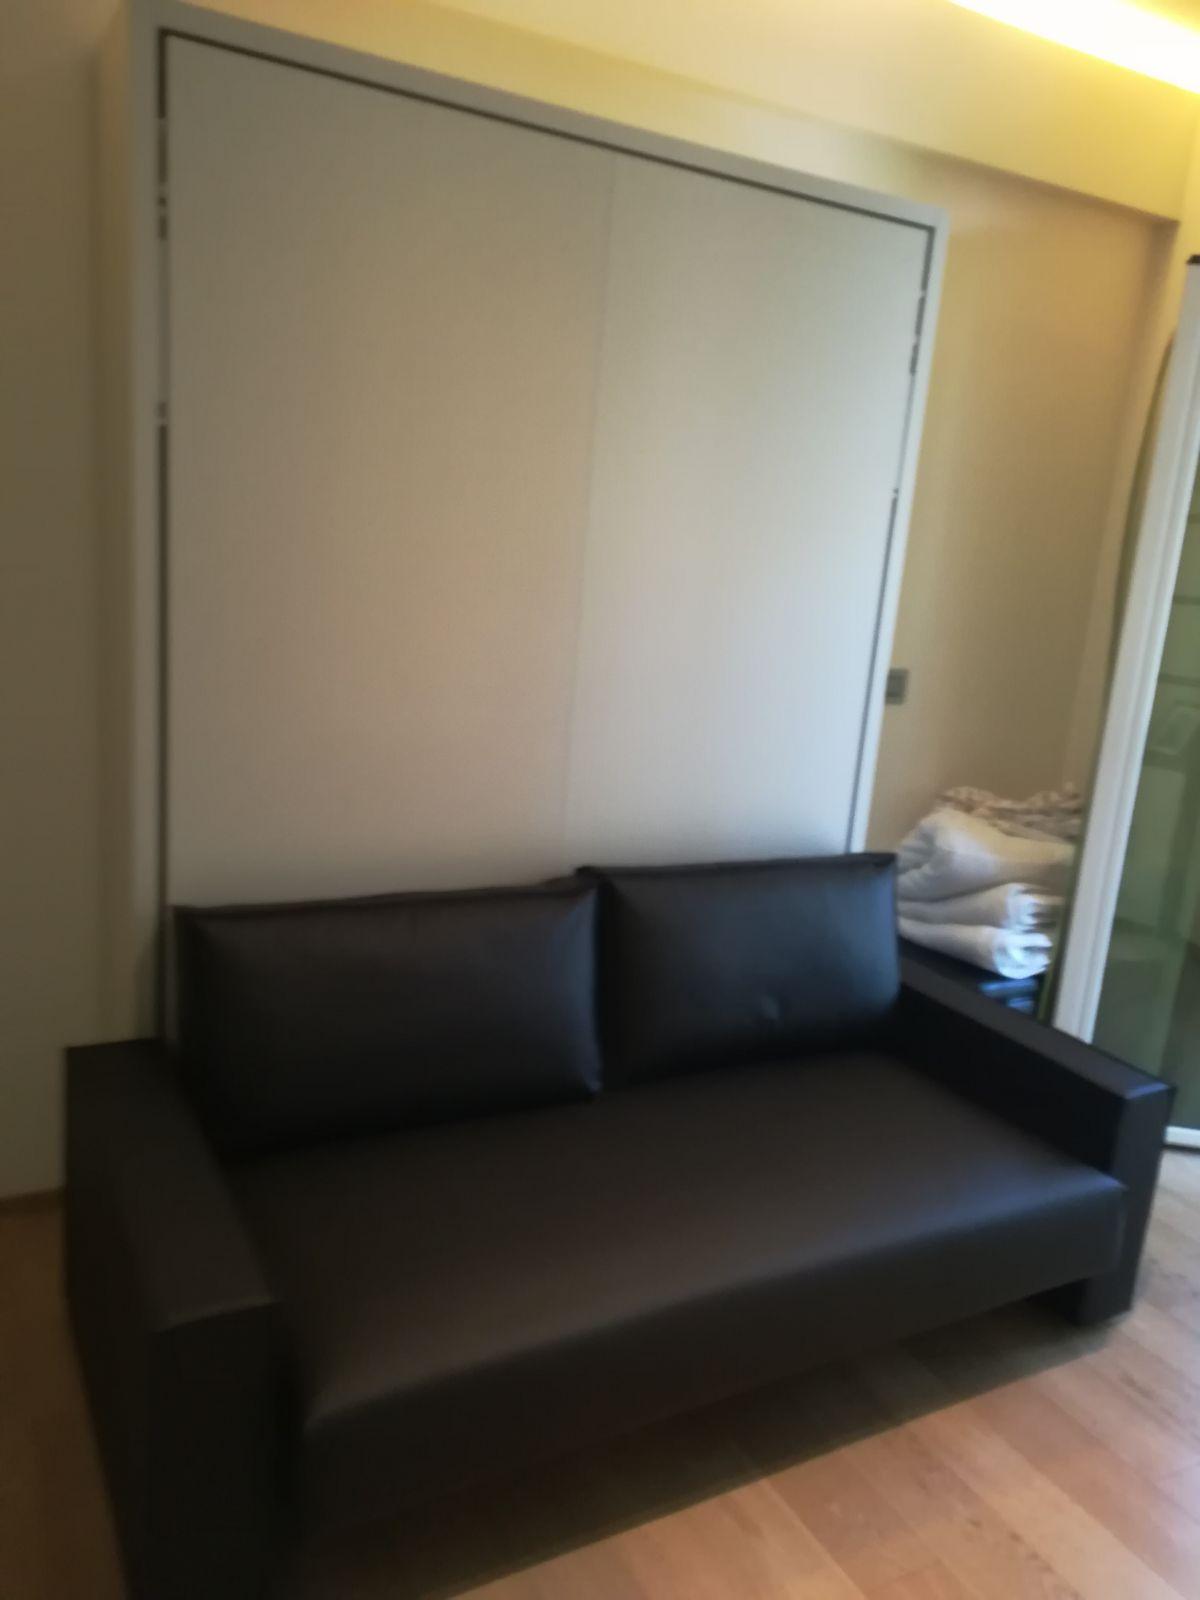 Arredamento monolocale a Riccione con letto a scomparsa con divano